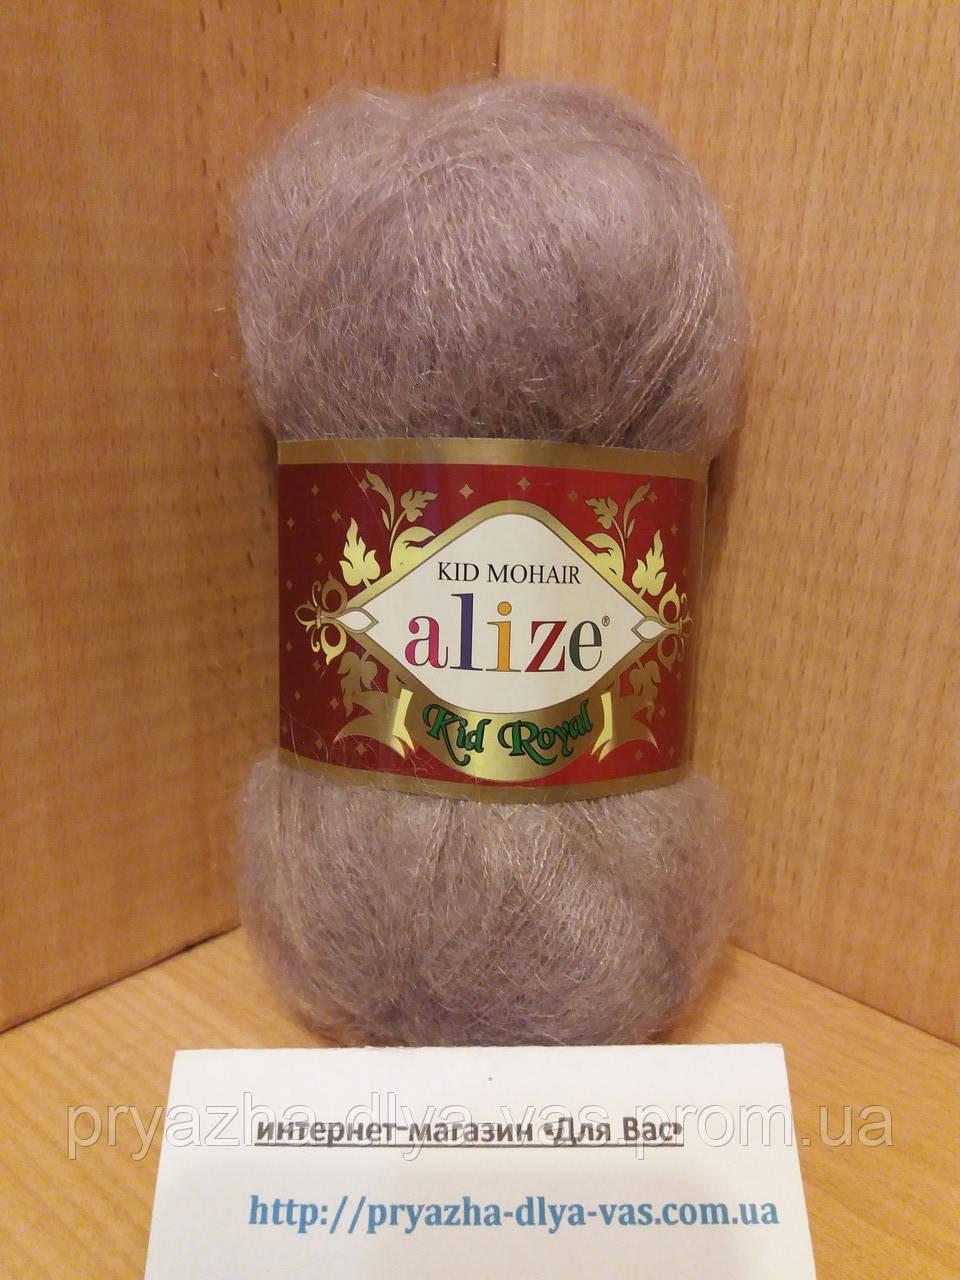 Мохеровая пряжа (62%- кид мохер, 38%- полиамид, 50 г/ 500 м) Alize Kid Royal 541